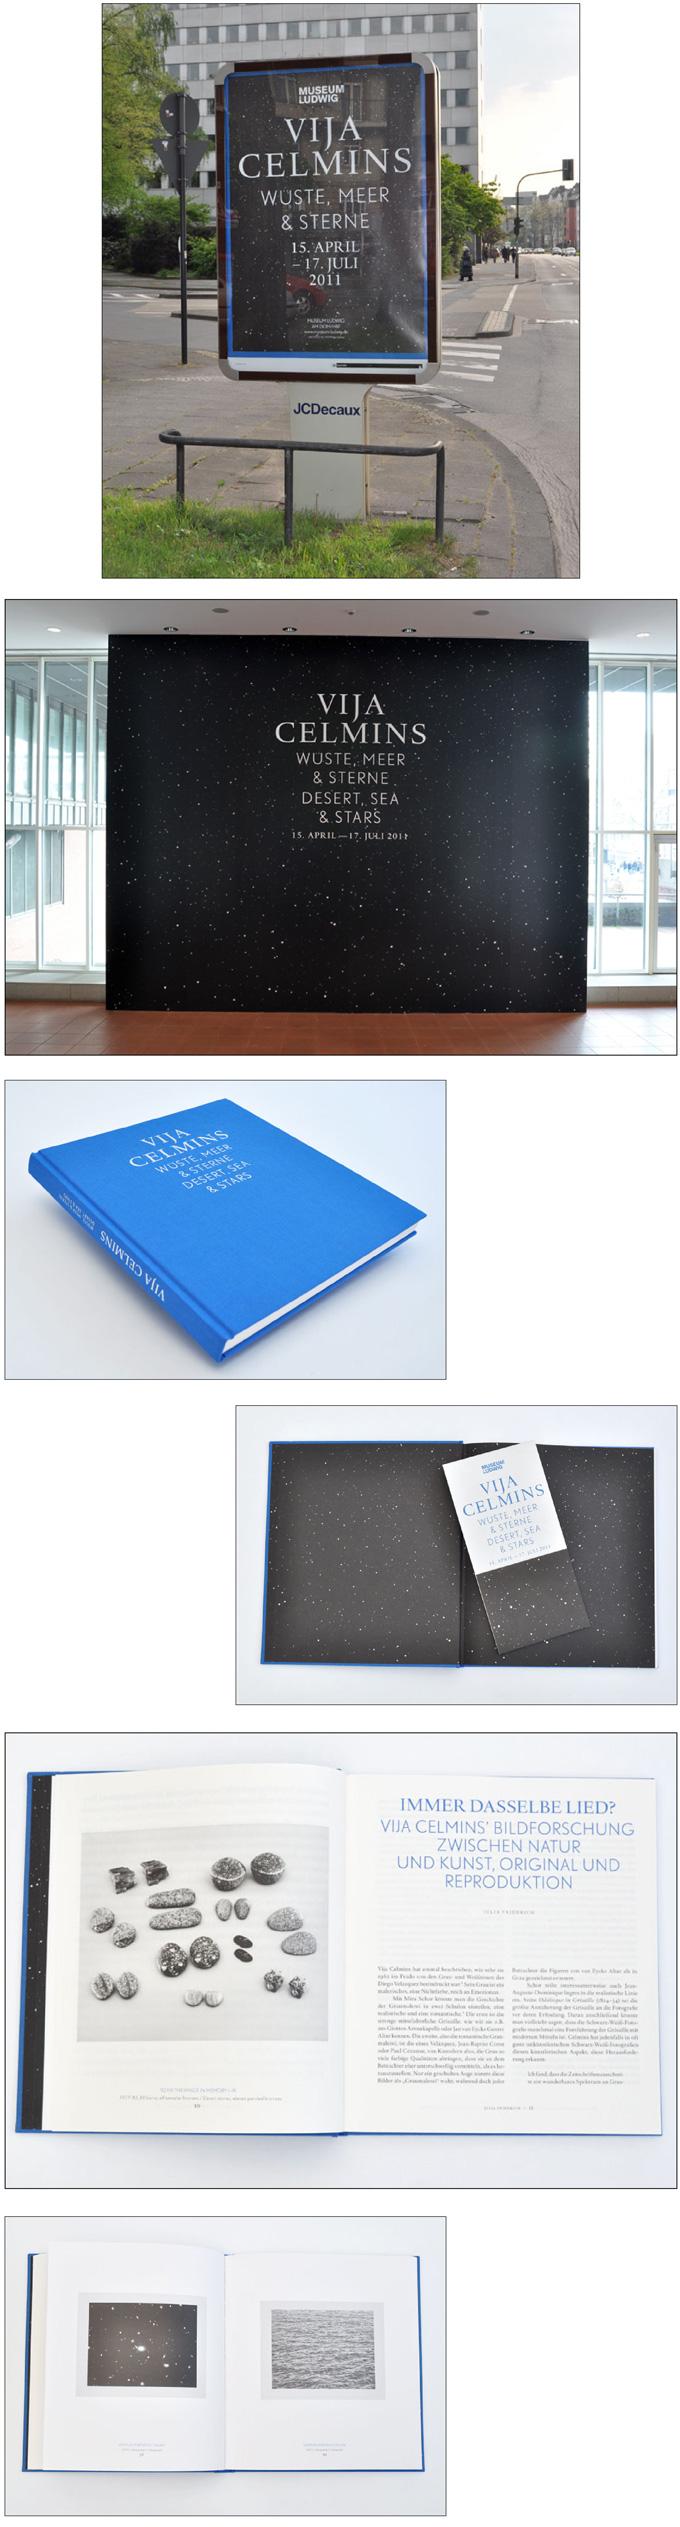 celmins_lavoila_catalogue